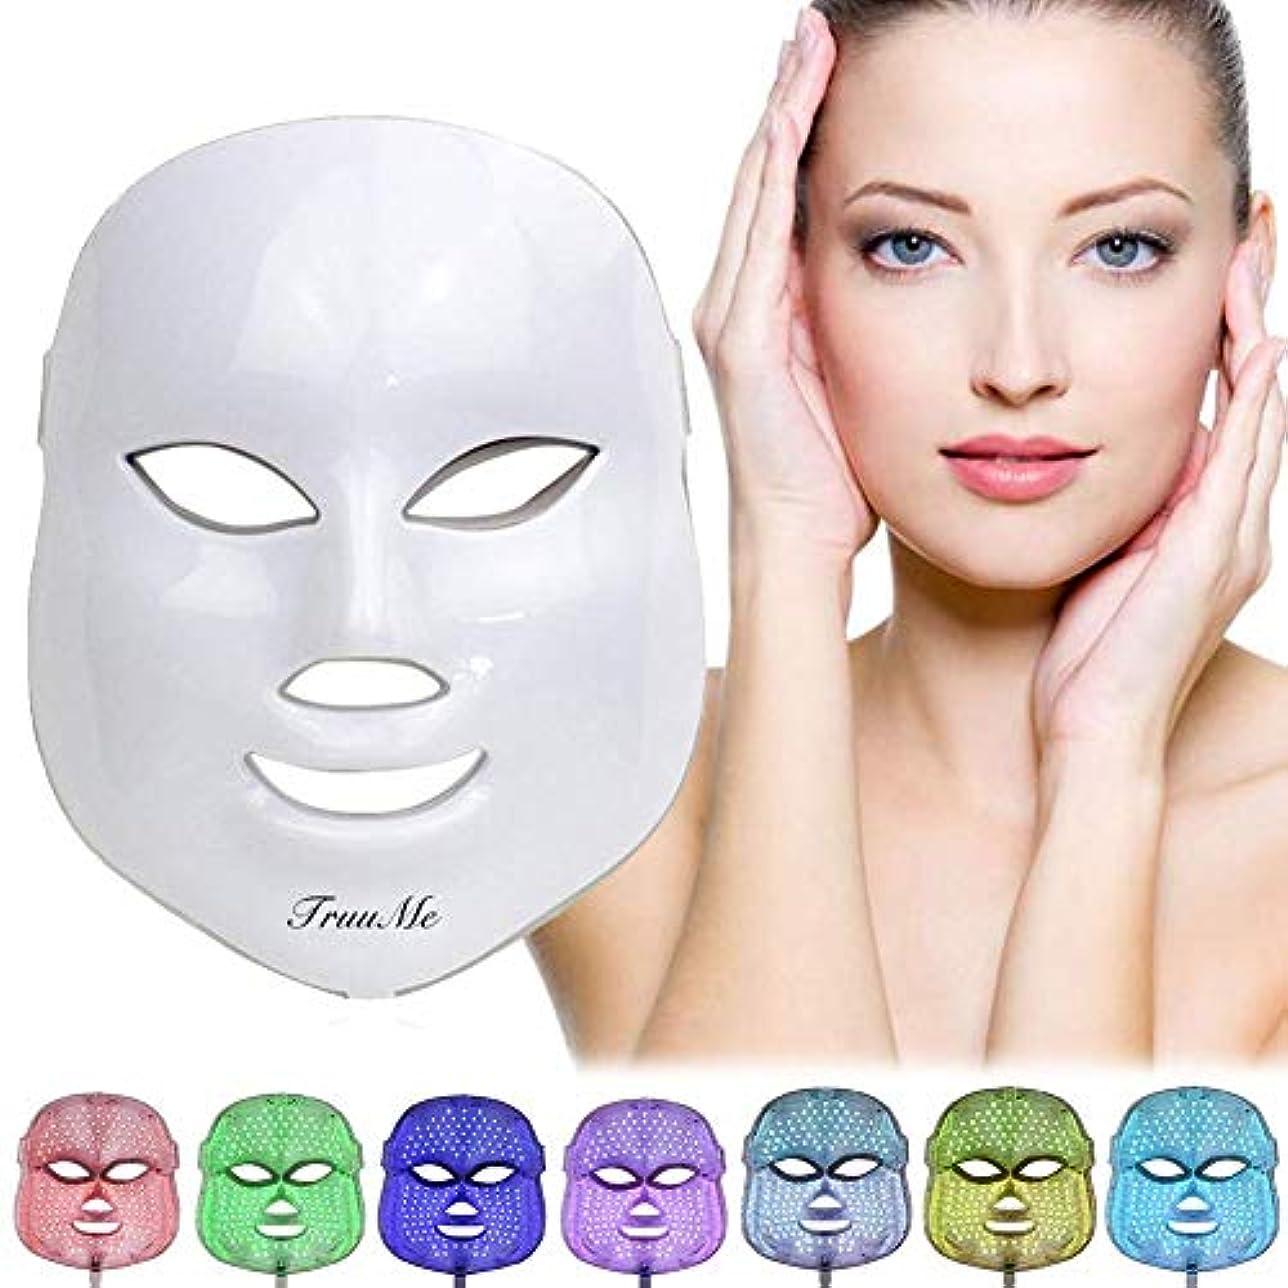 醜い剪断眉LEDフェイスマスク、ライトセラピーニキビマスク、LEDフェイシャルマスク、光線療法マスク、LEDエレクトリックフェイシャルマスク、7色光治療、ニキビ治療用マスク、斑点、にきび、皮膚のシミ